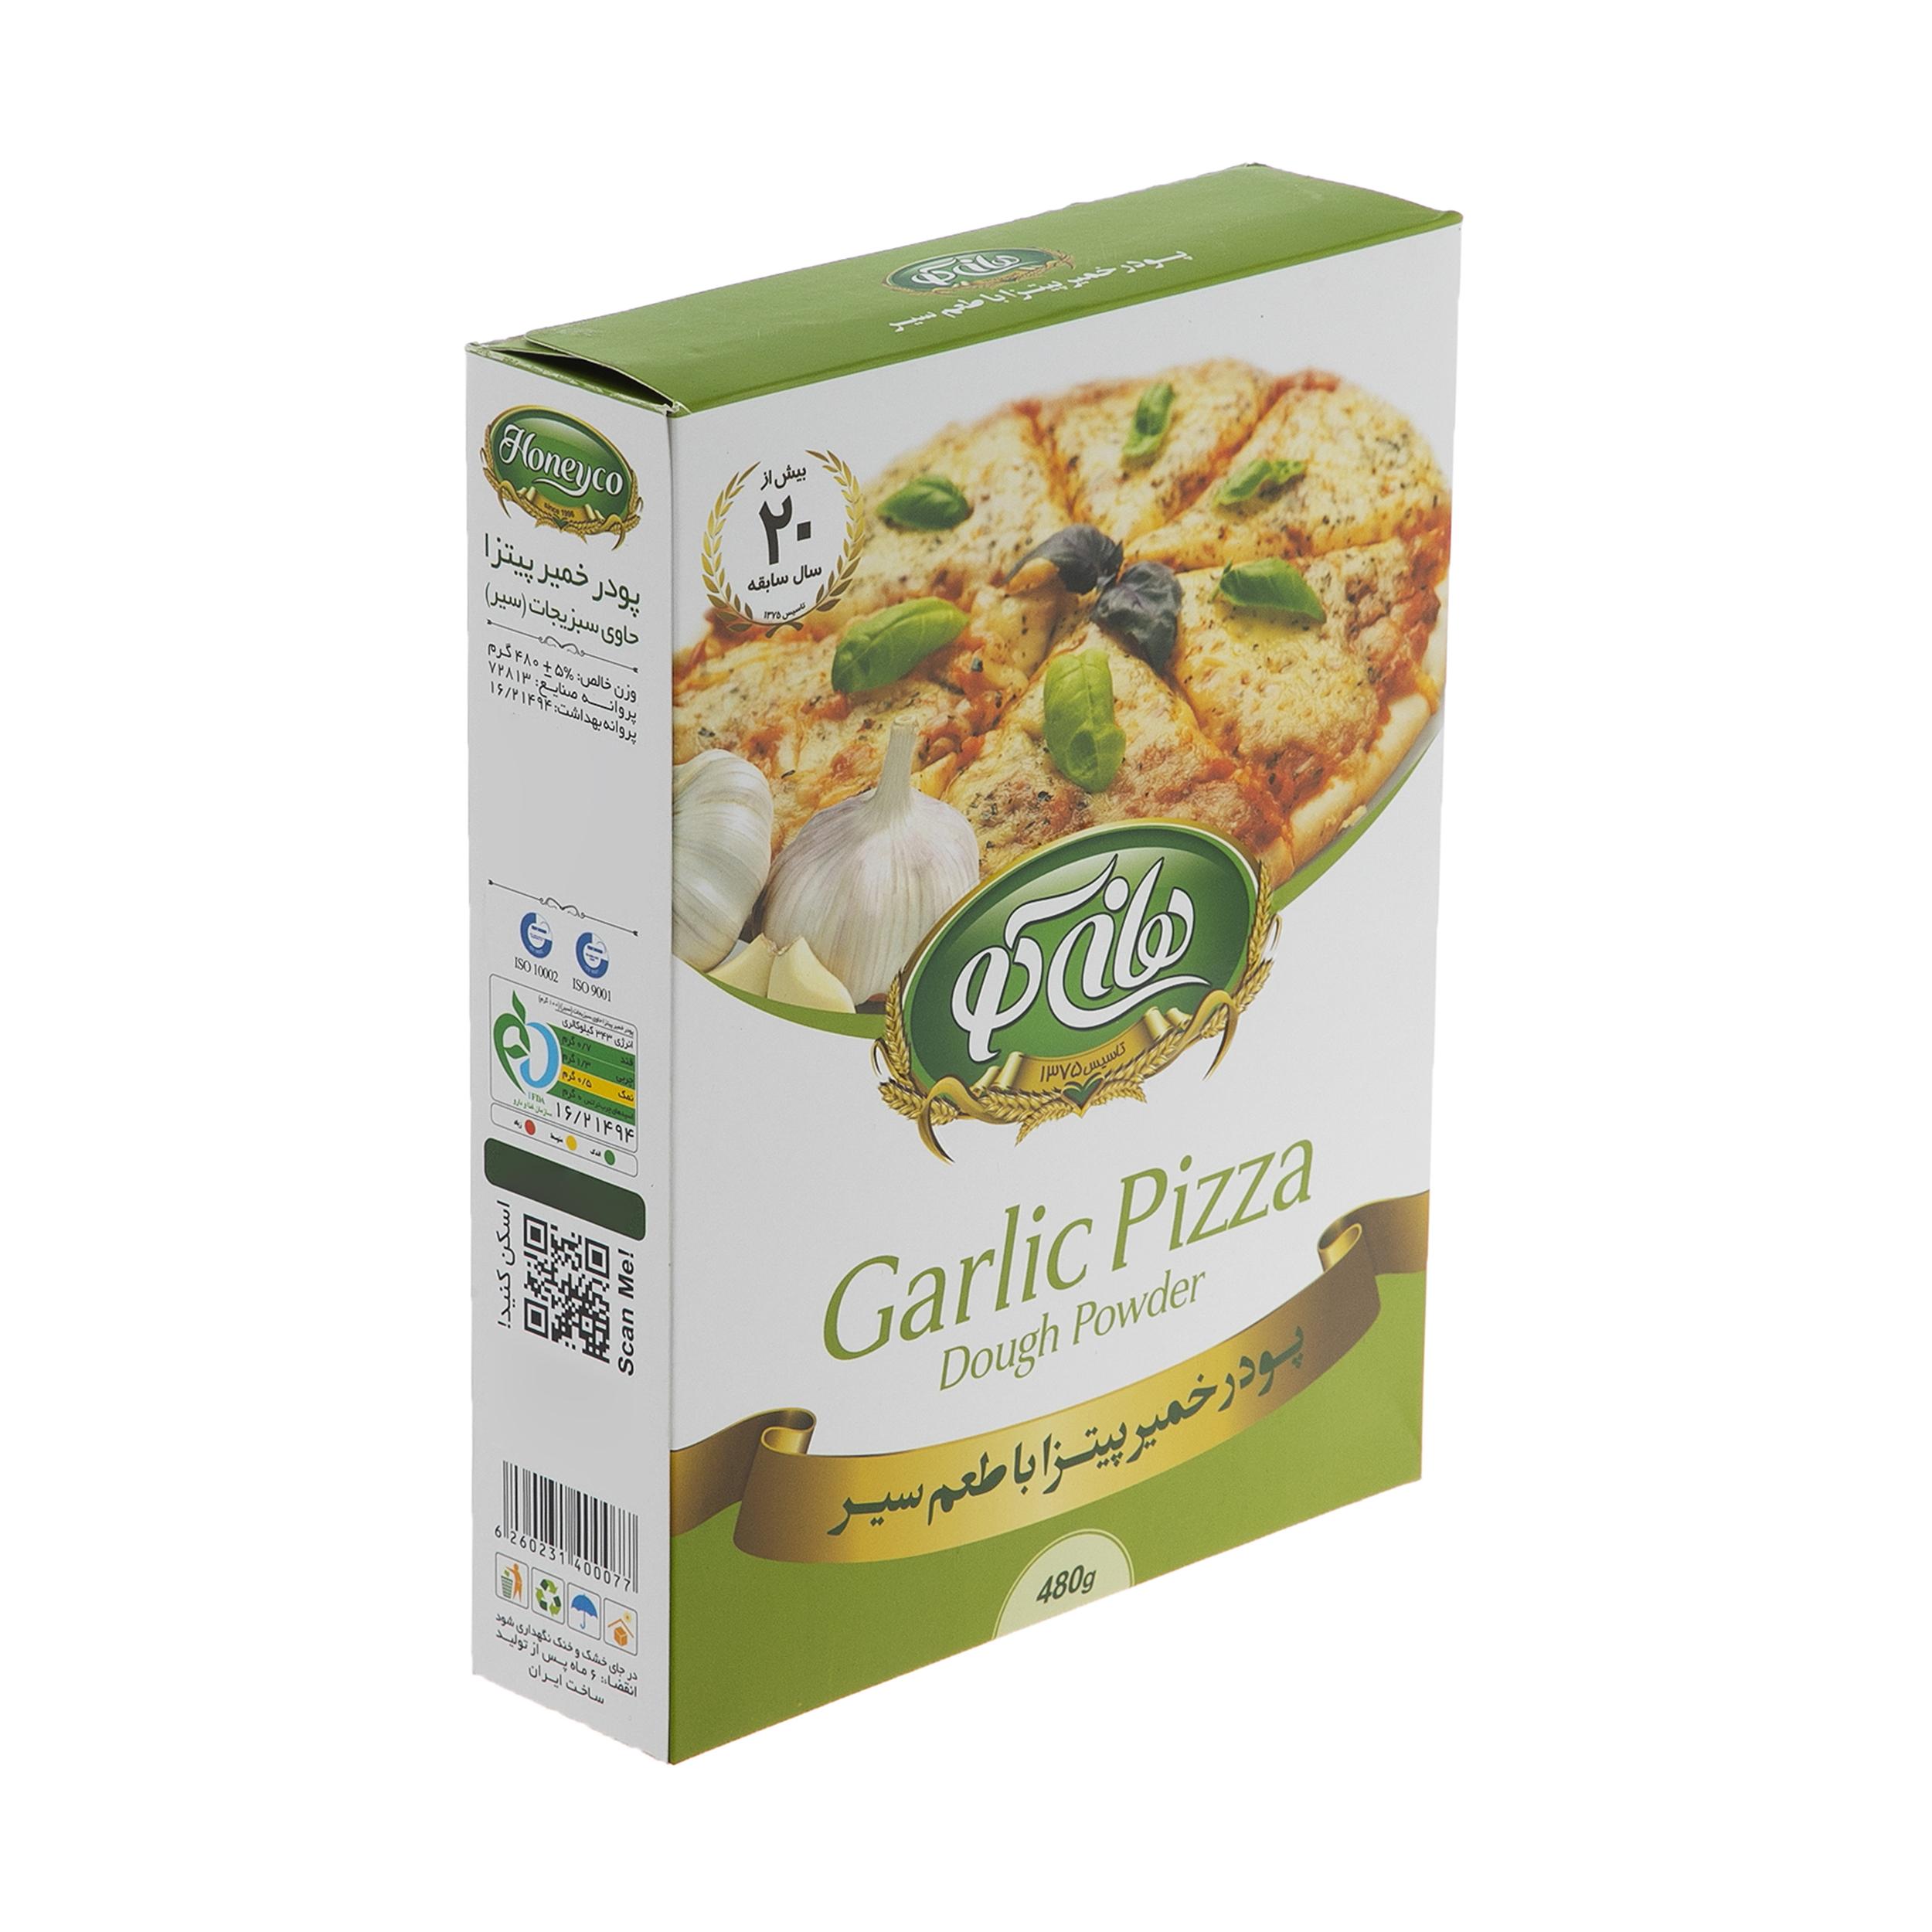 خرید                      پودر خمیر پیتزا هانی کو با طعم سیر - 480 گرم